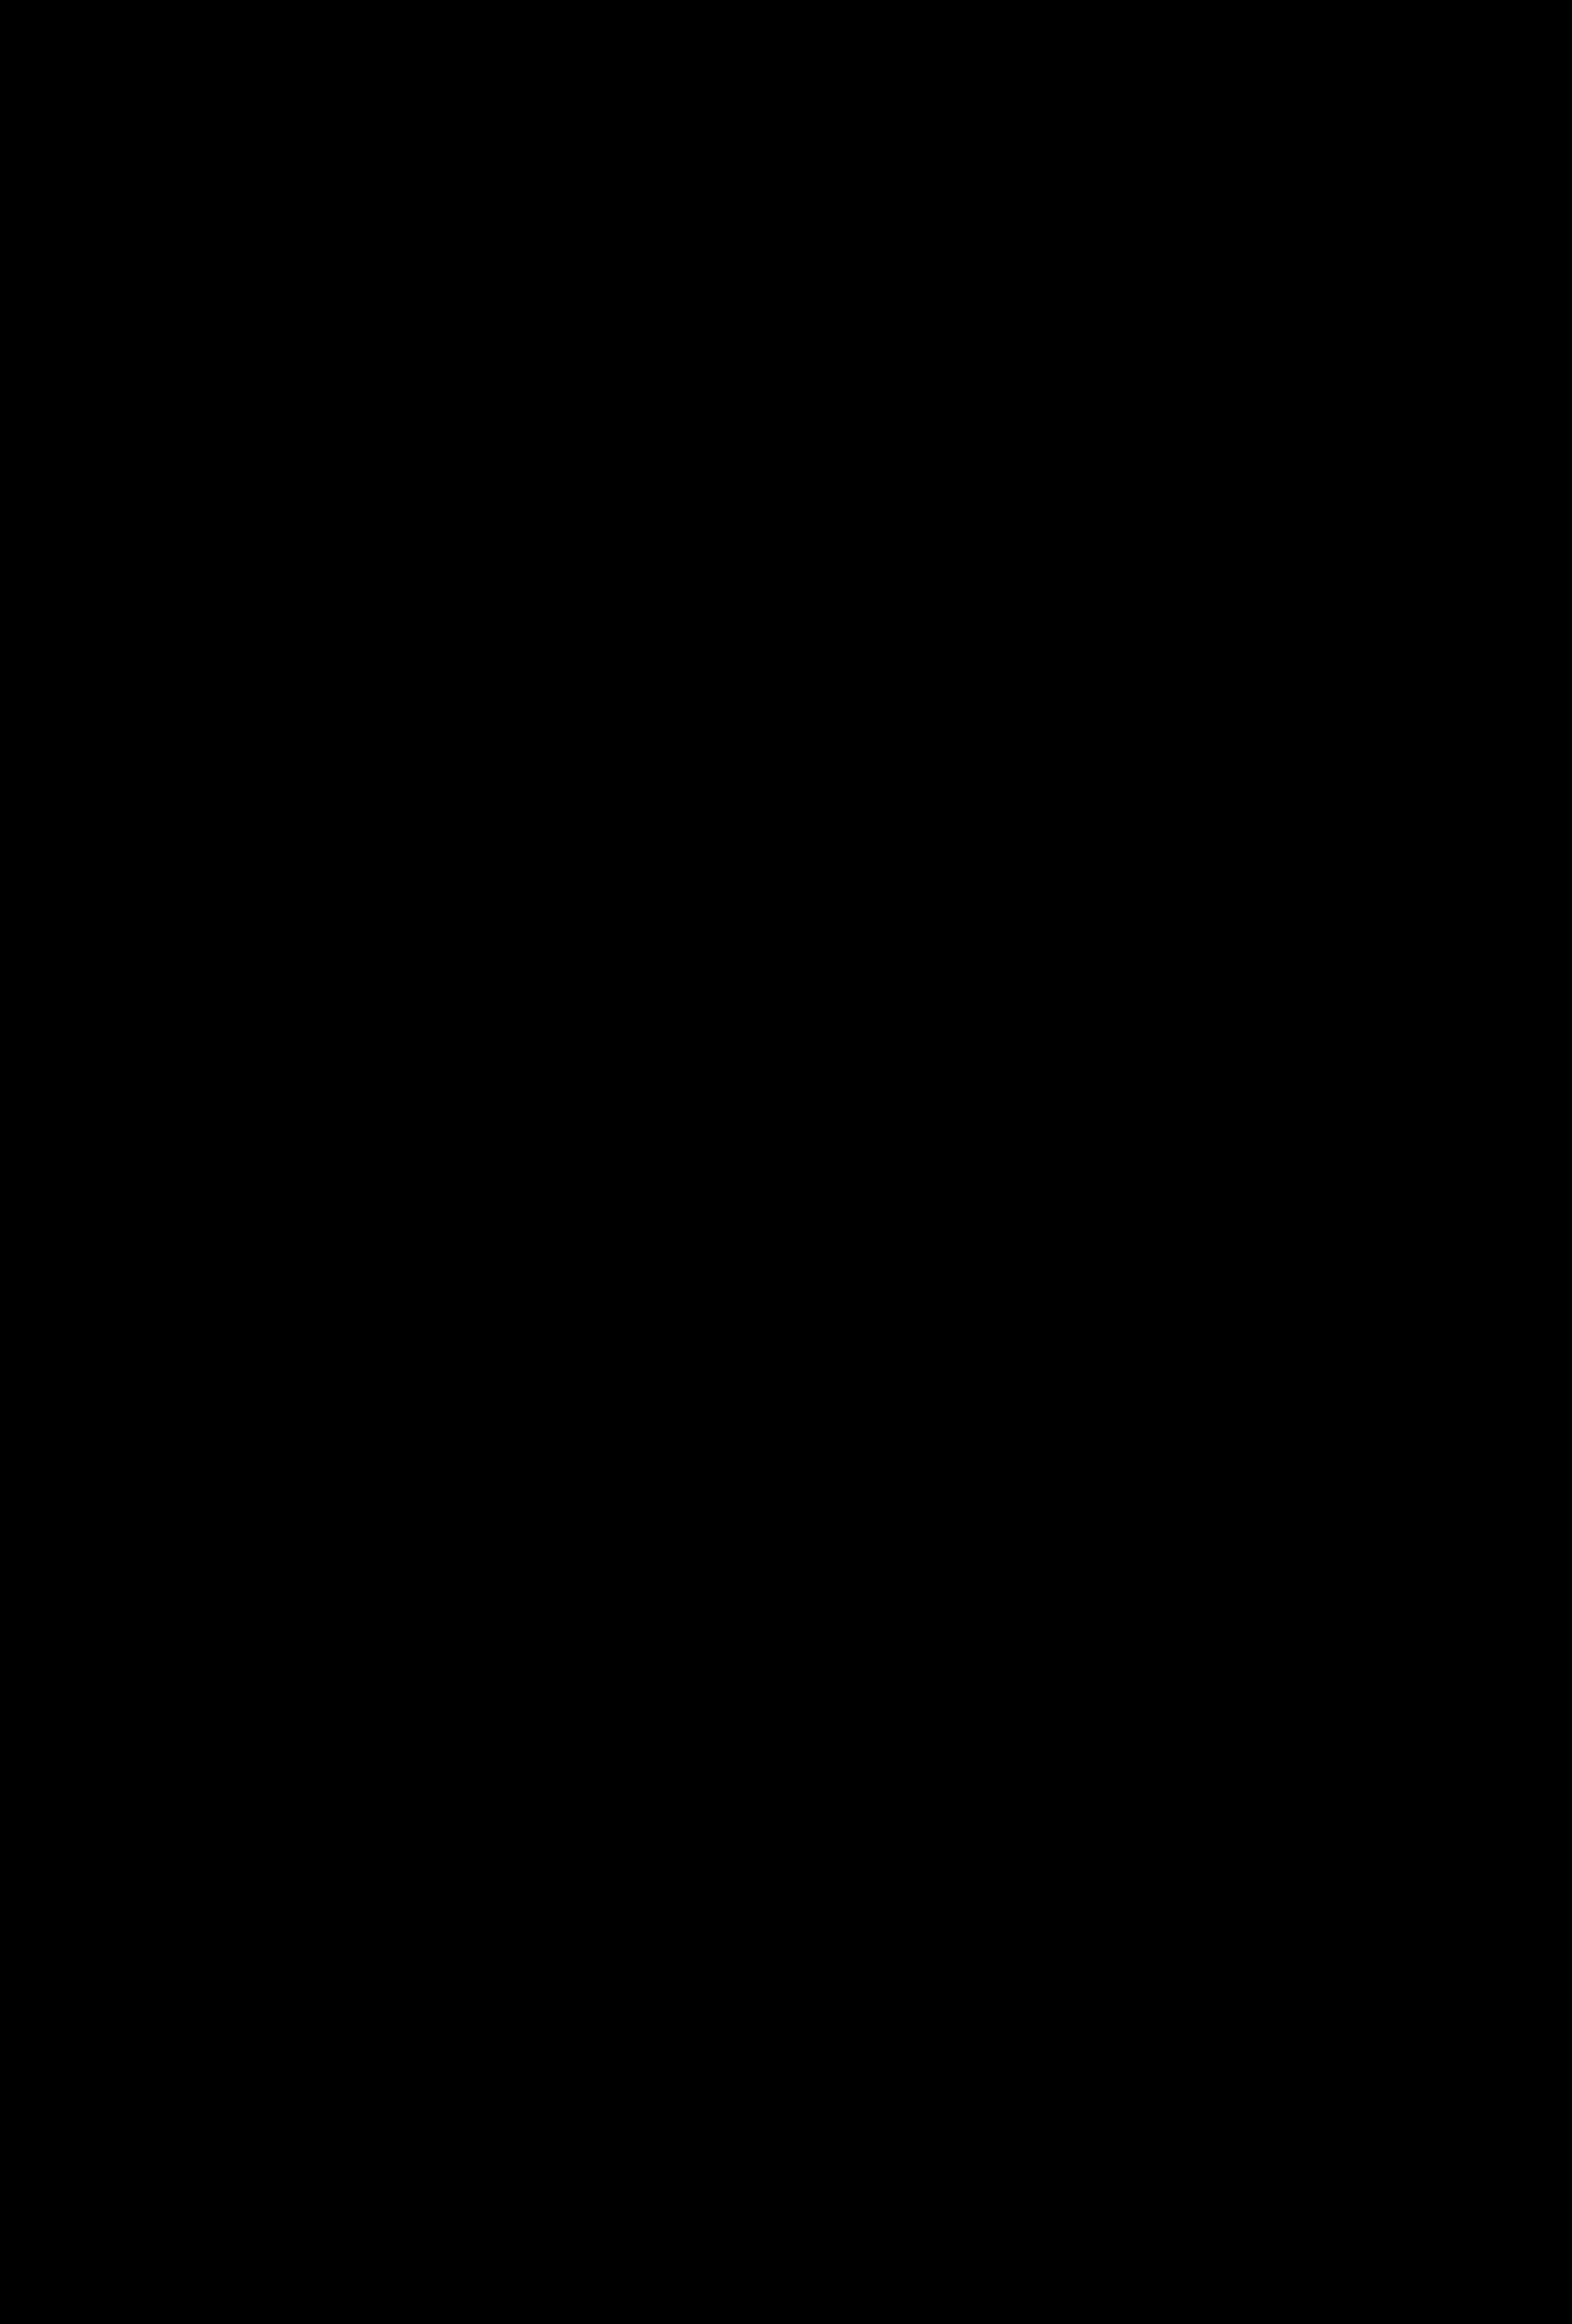 1 Stk Eco-UP-Verteiler 3U24 + Mauerwanne OÖ/SBG– RAL9016 IL864324-3